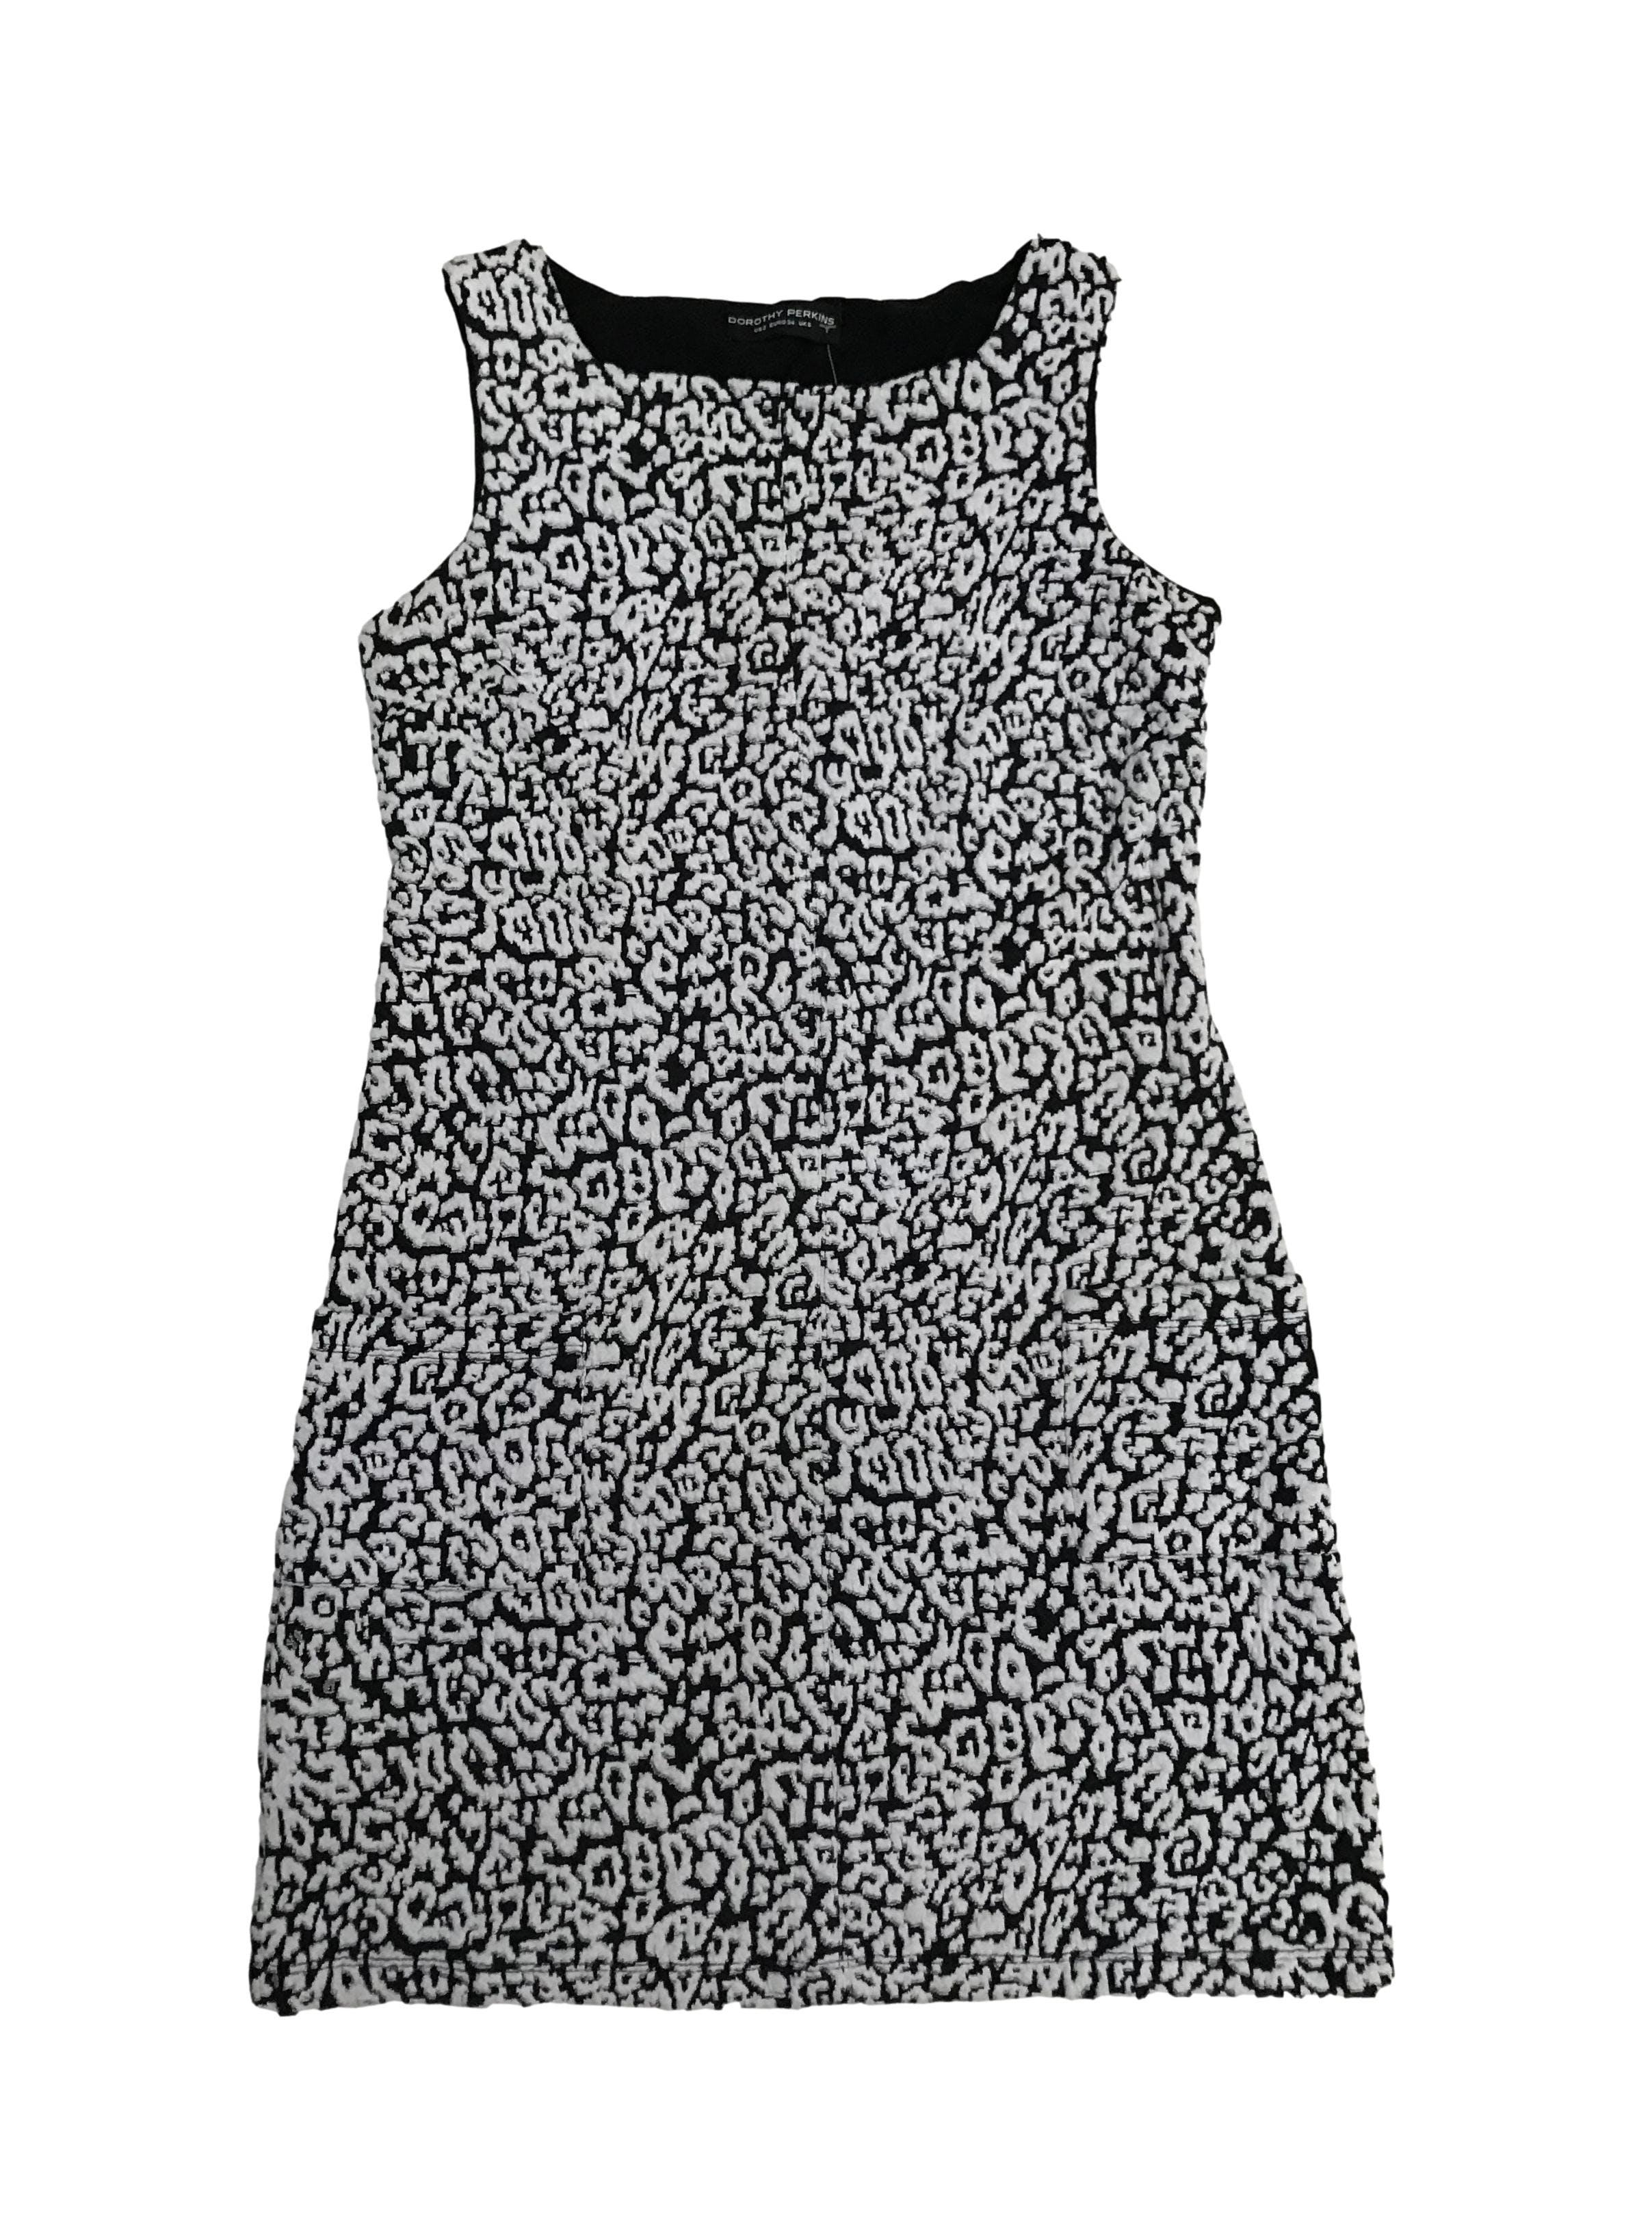 Vestido Dorothy Perkins negro con texturas blancas en relieve, bolsillos en la falda, es stretch. Largo 80cm